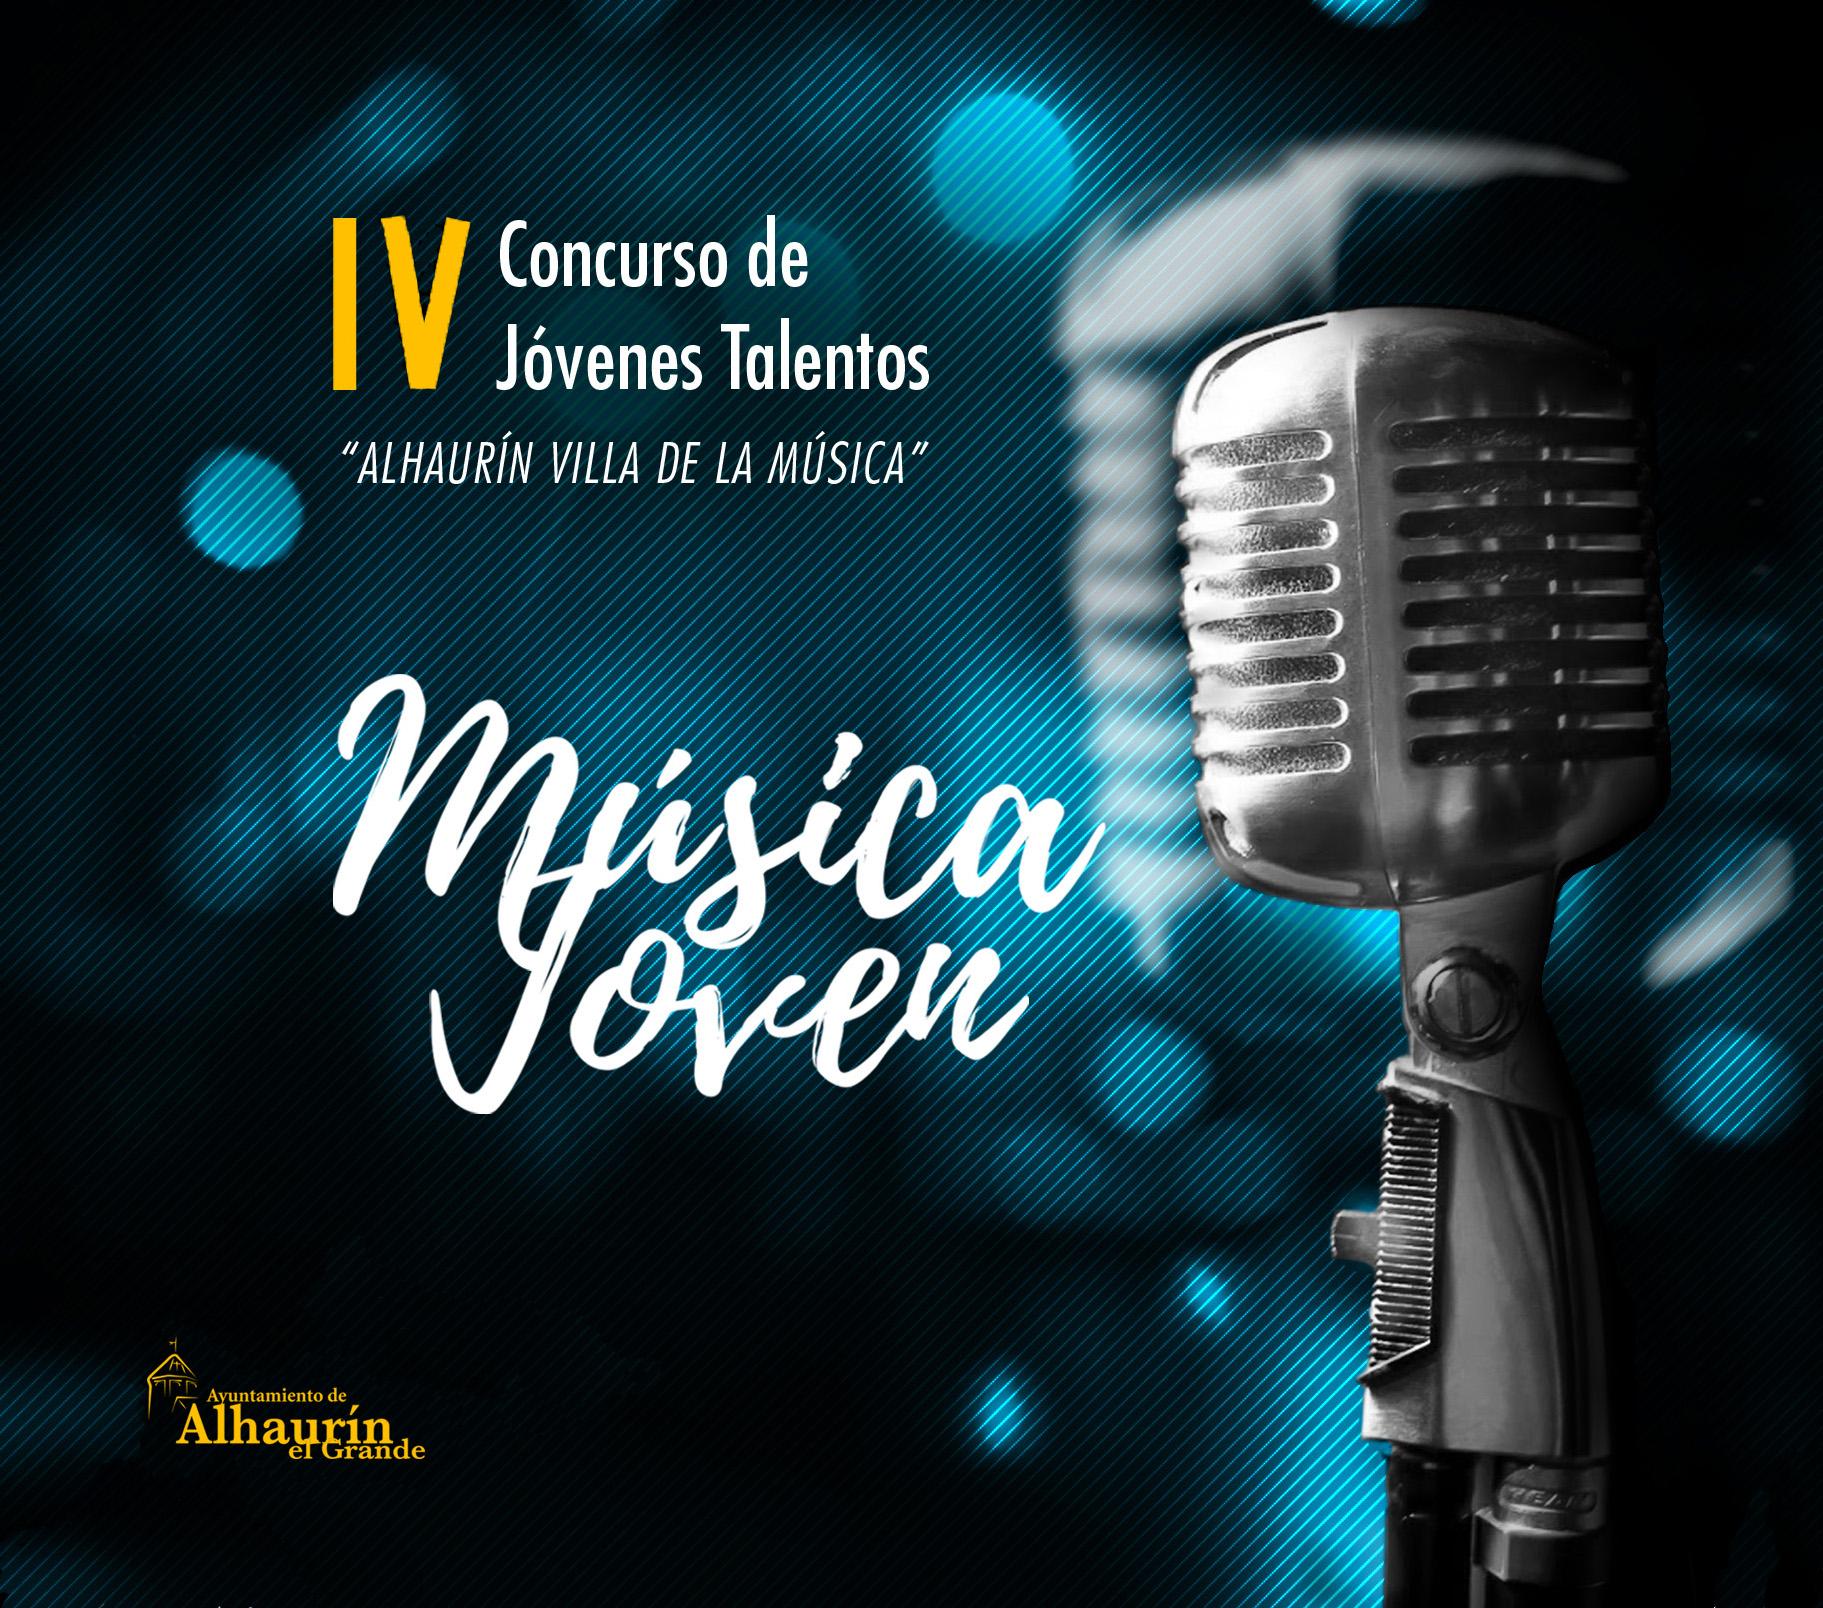 La música y las jóvenes promesas serán protagonistas en Alhaurín el Grande